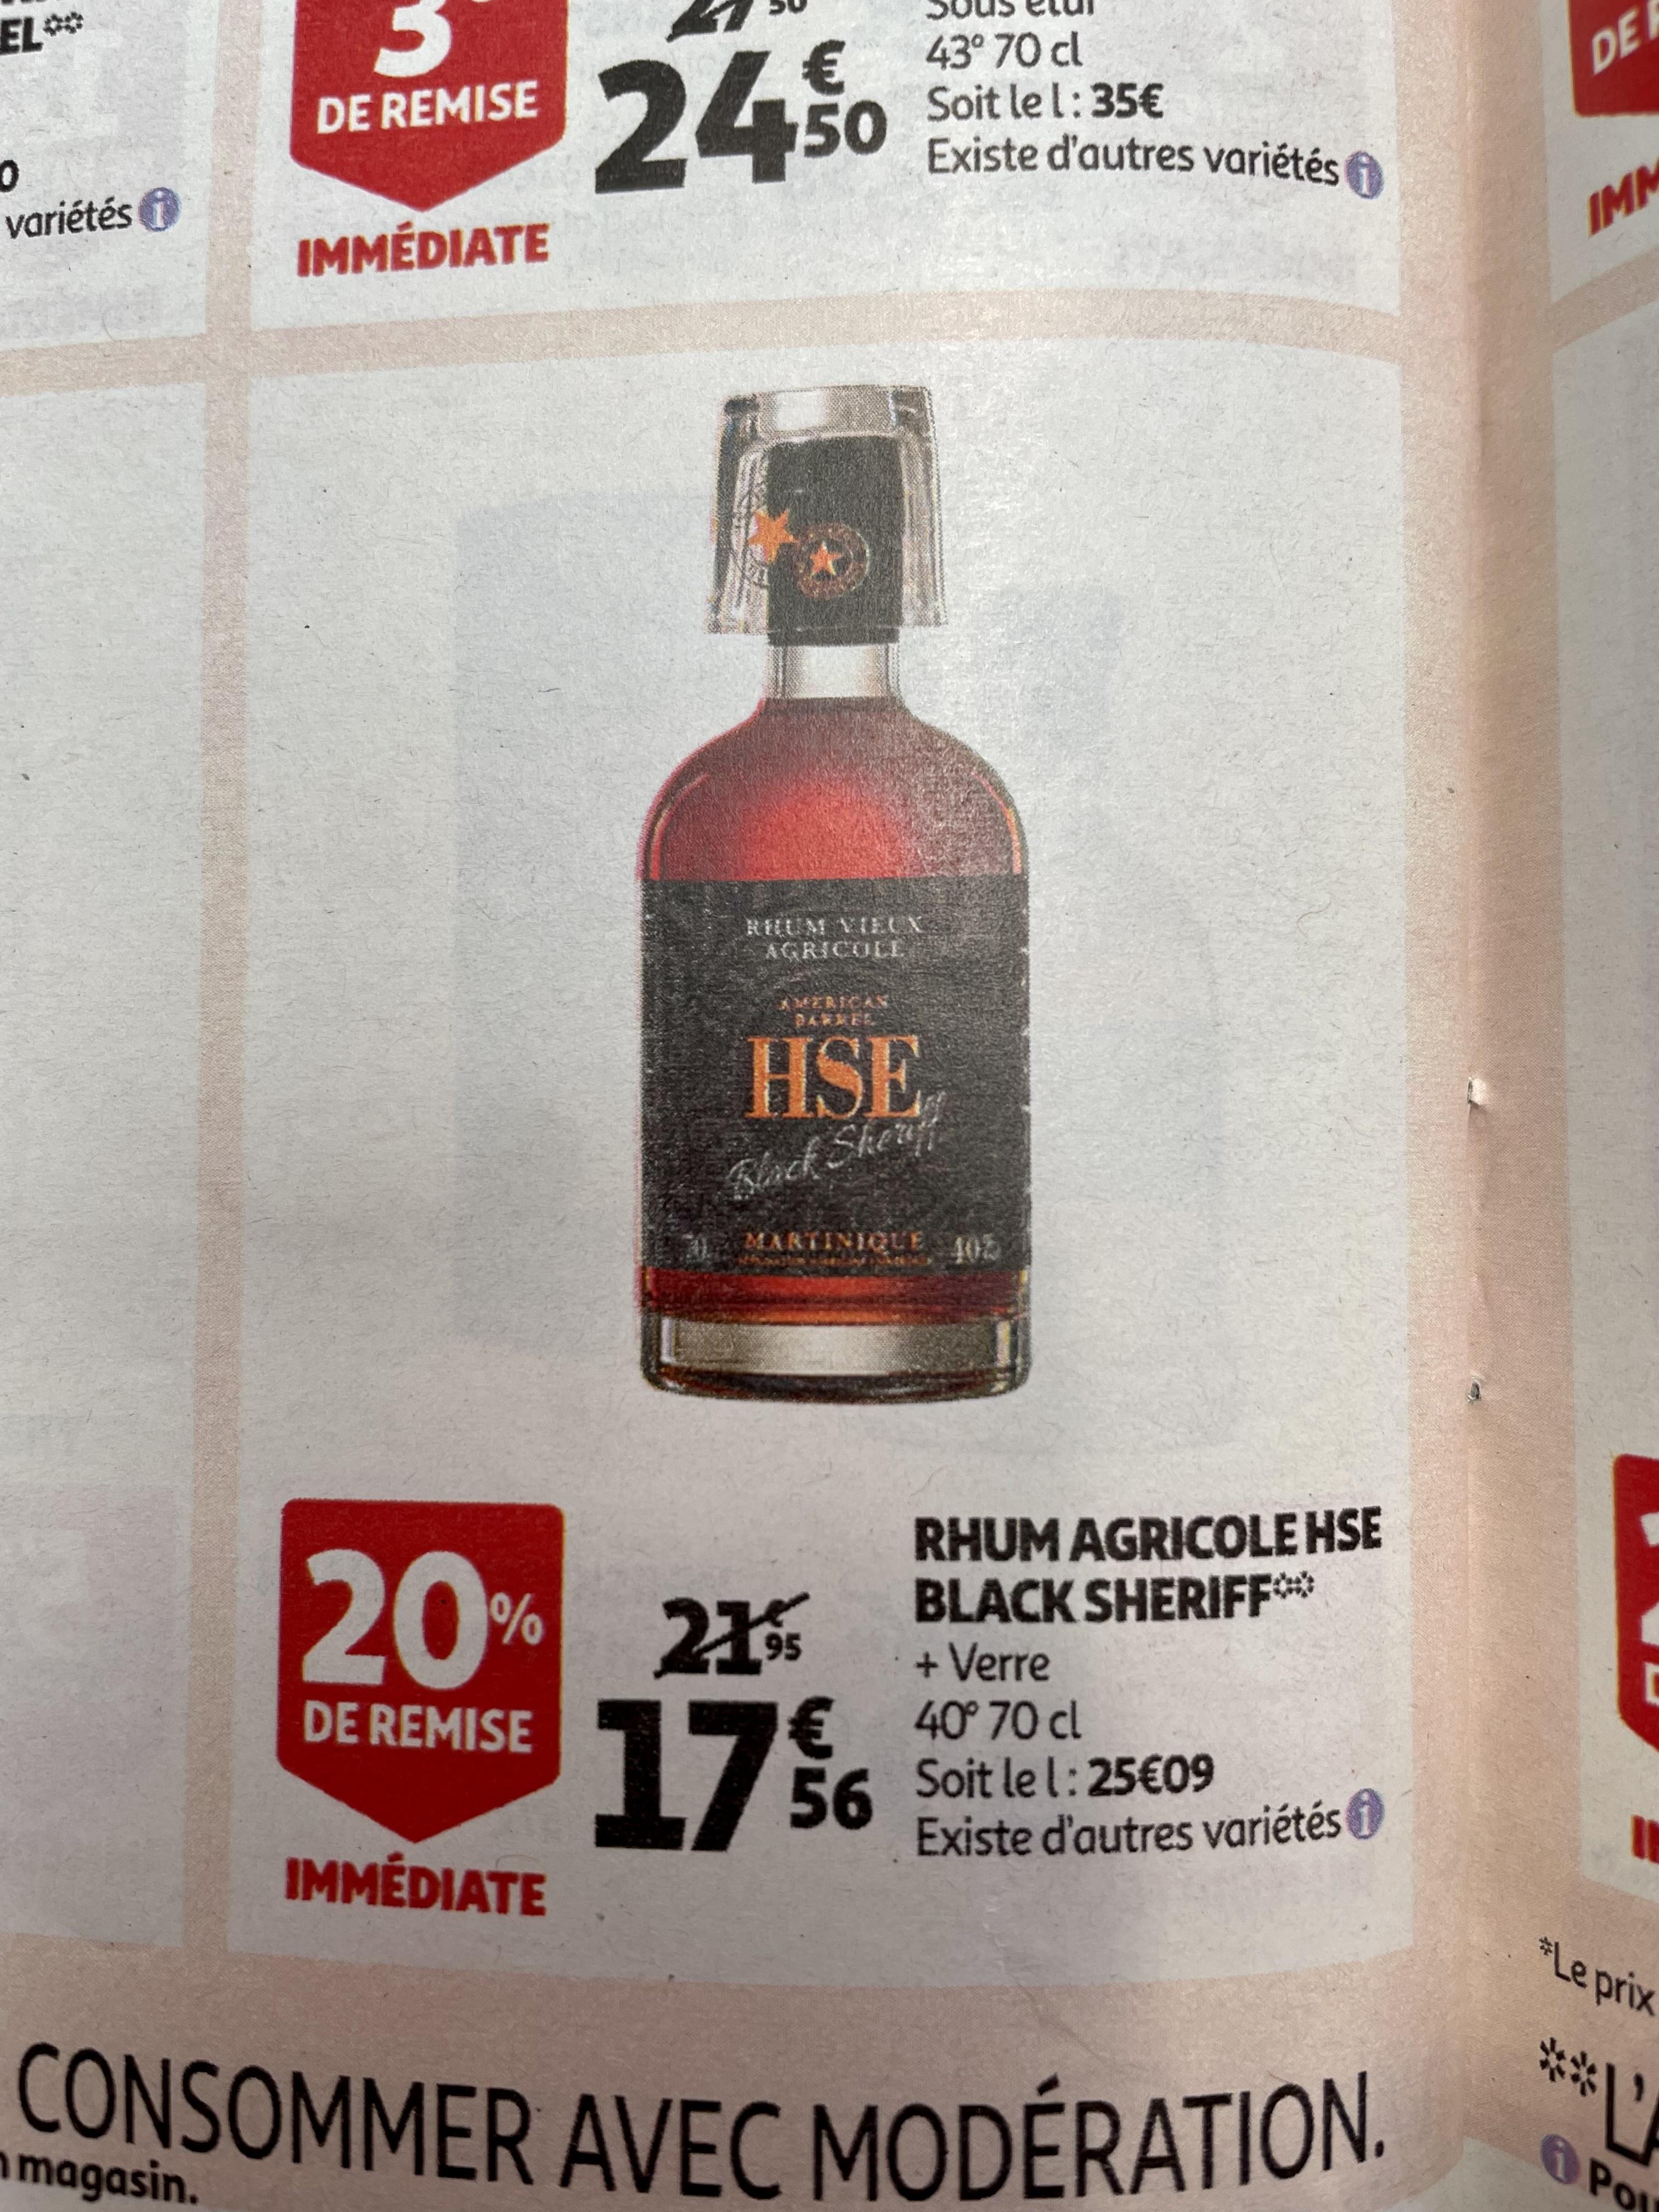 Rhum vieux agricole HSE Black Sheriff + verre - 70 cl